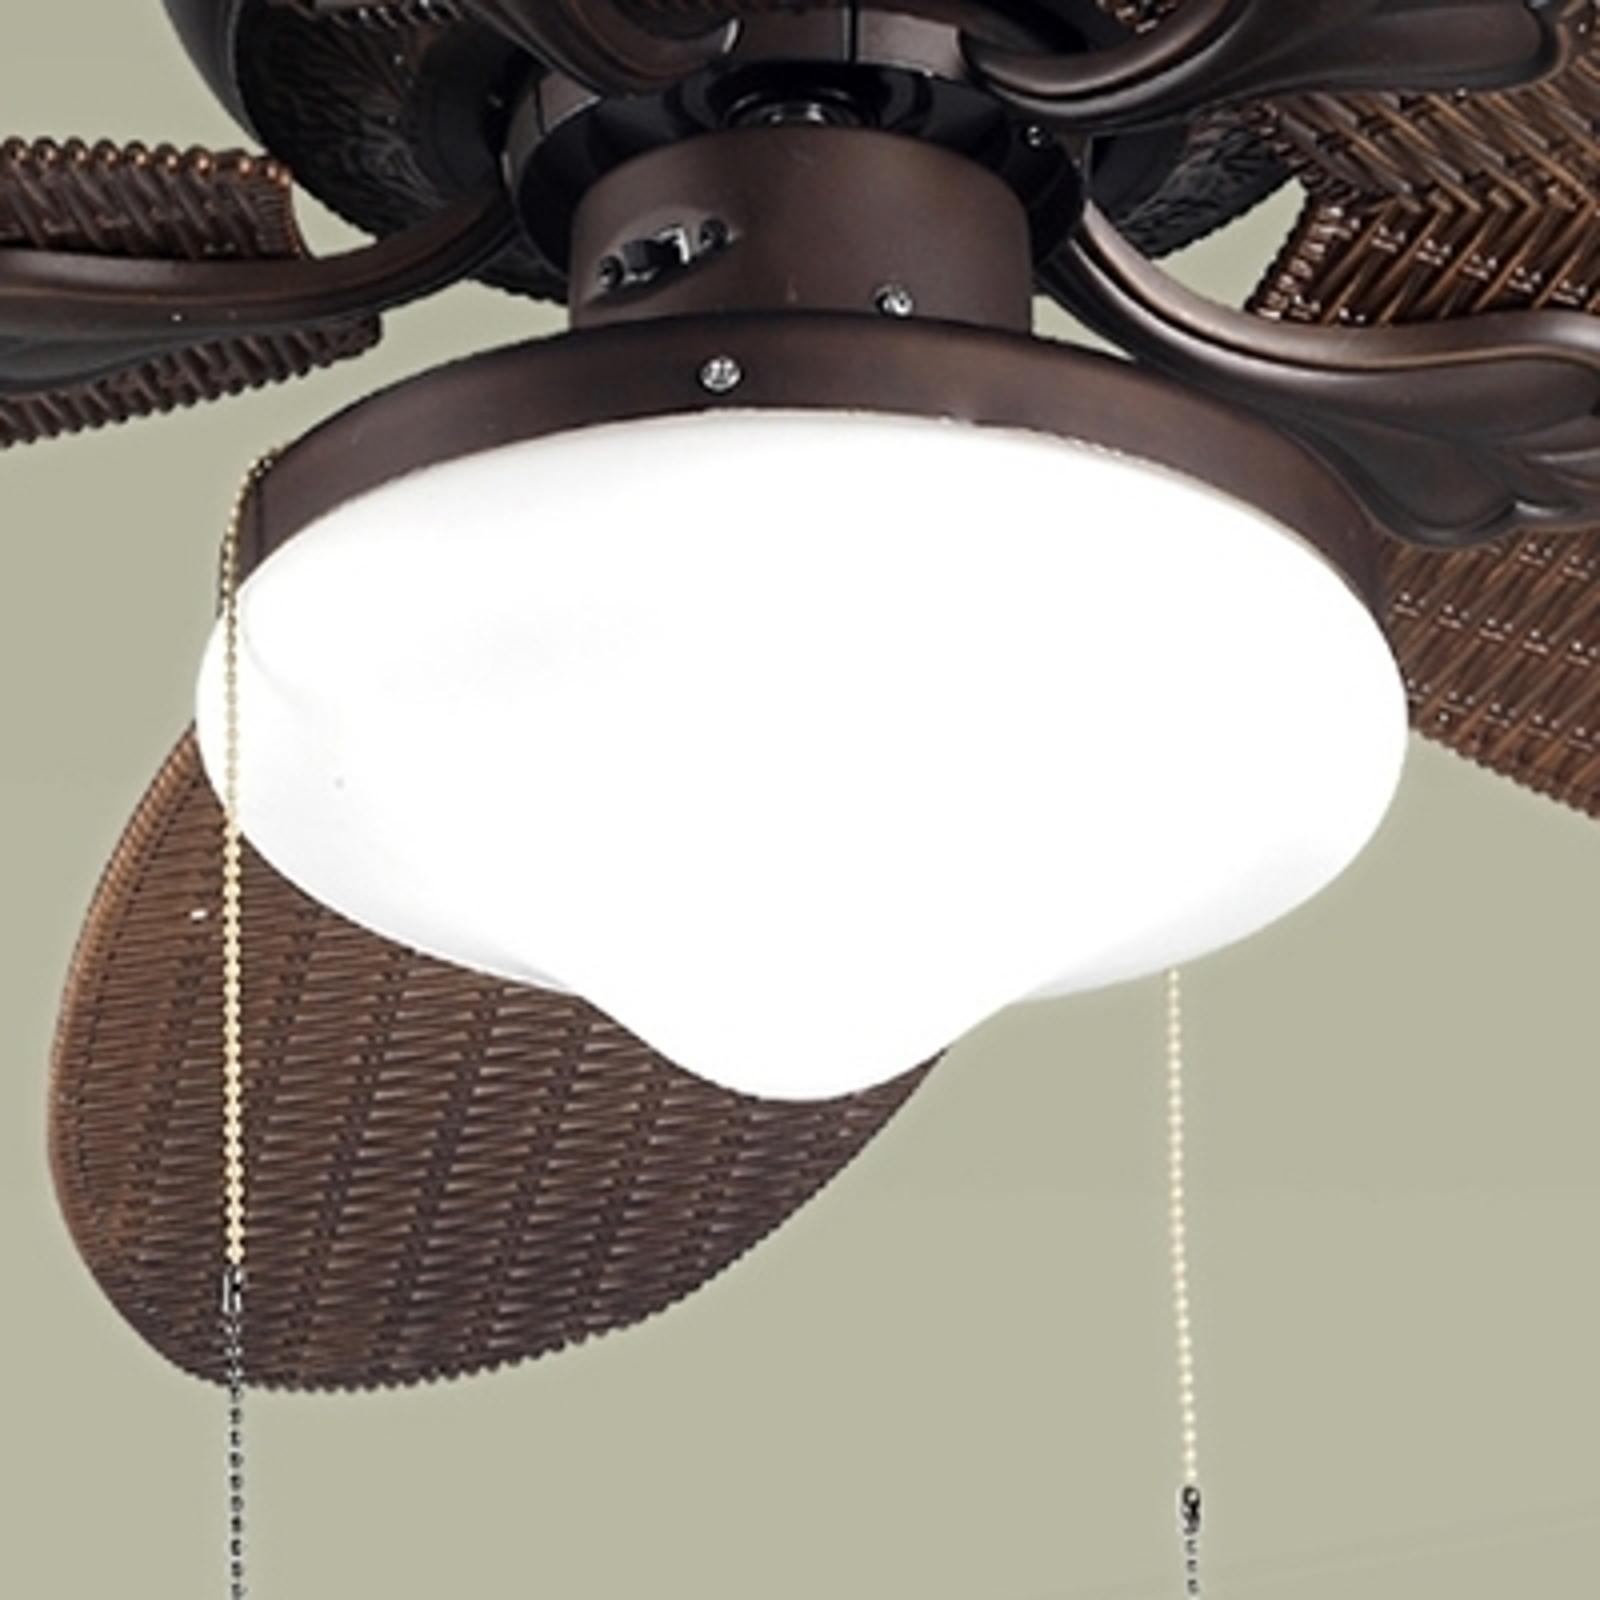 Acquista Kit luci per ventilatore da soffitto PHUKET